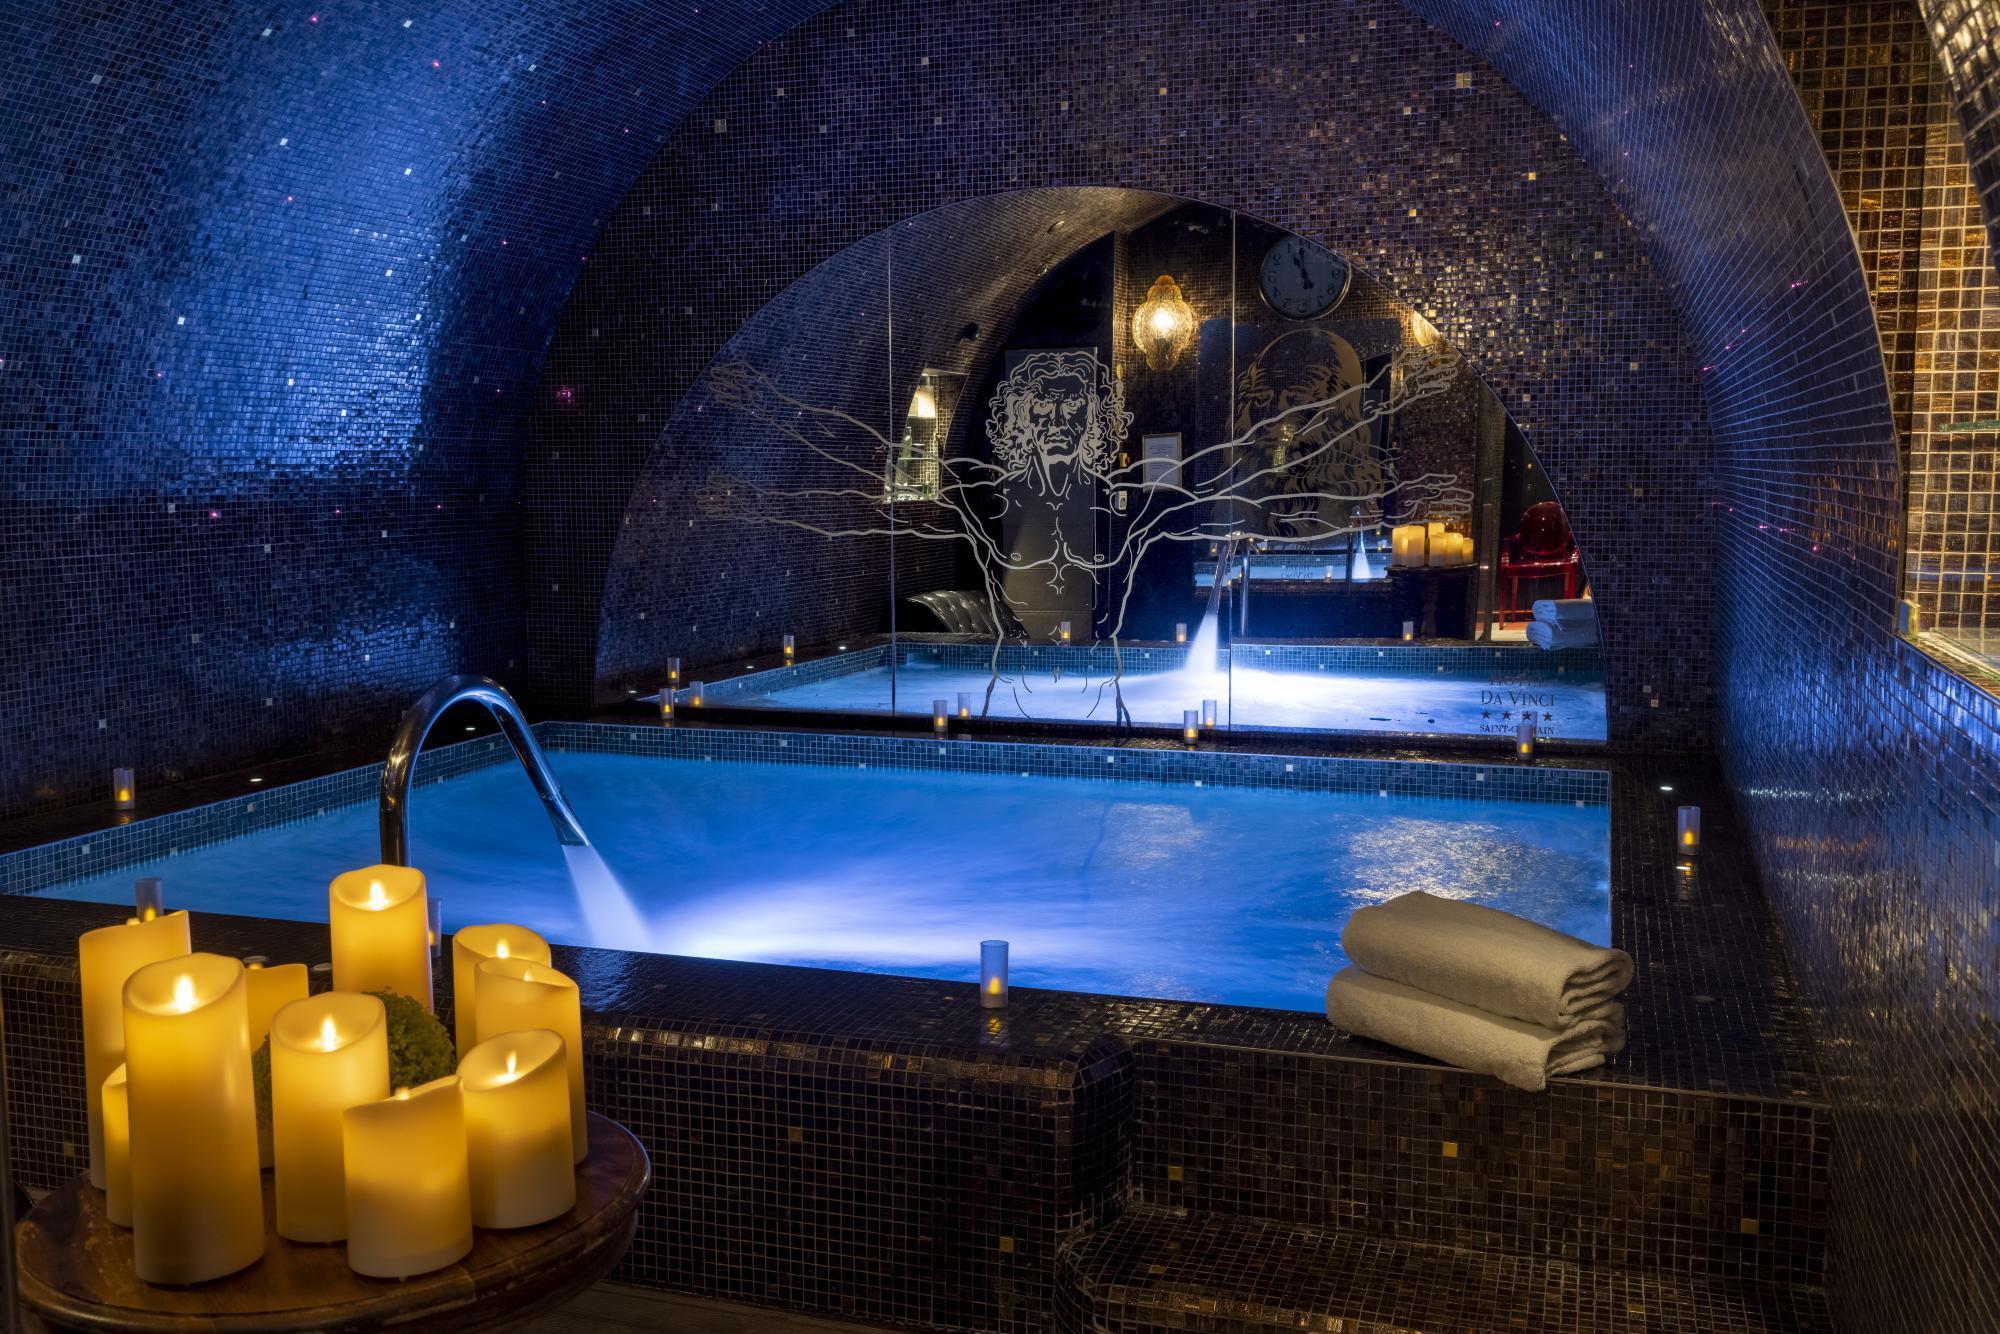 Hotel Da Vinci Spa Pool